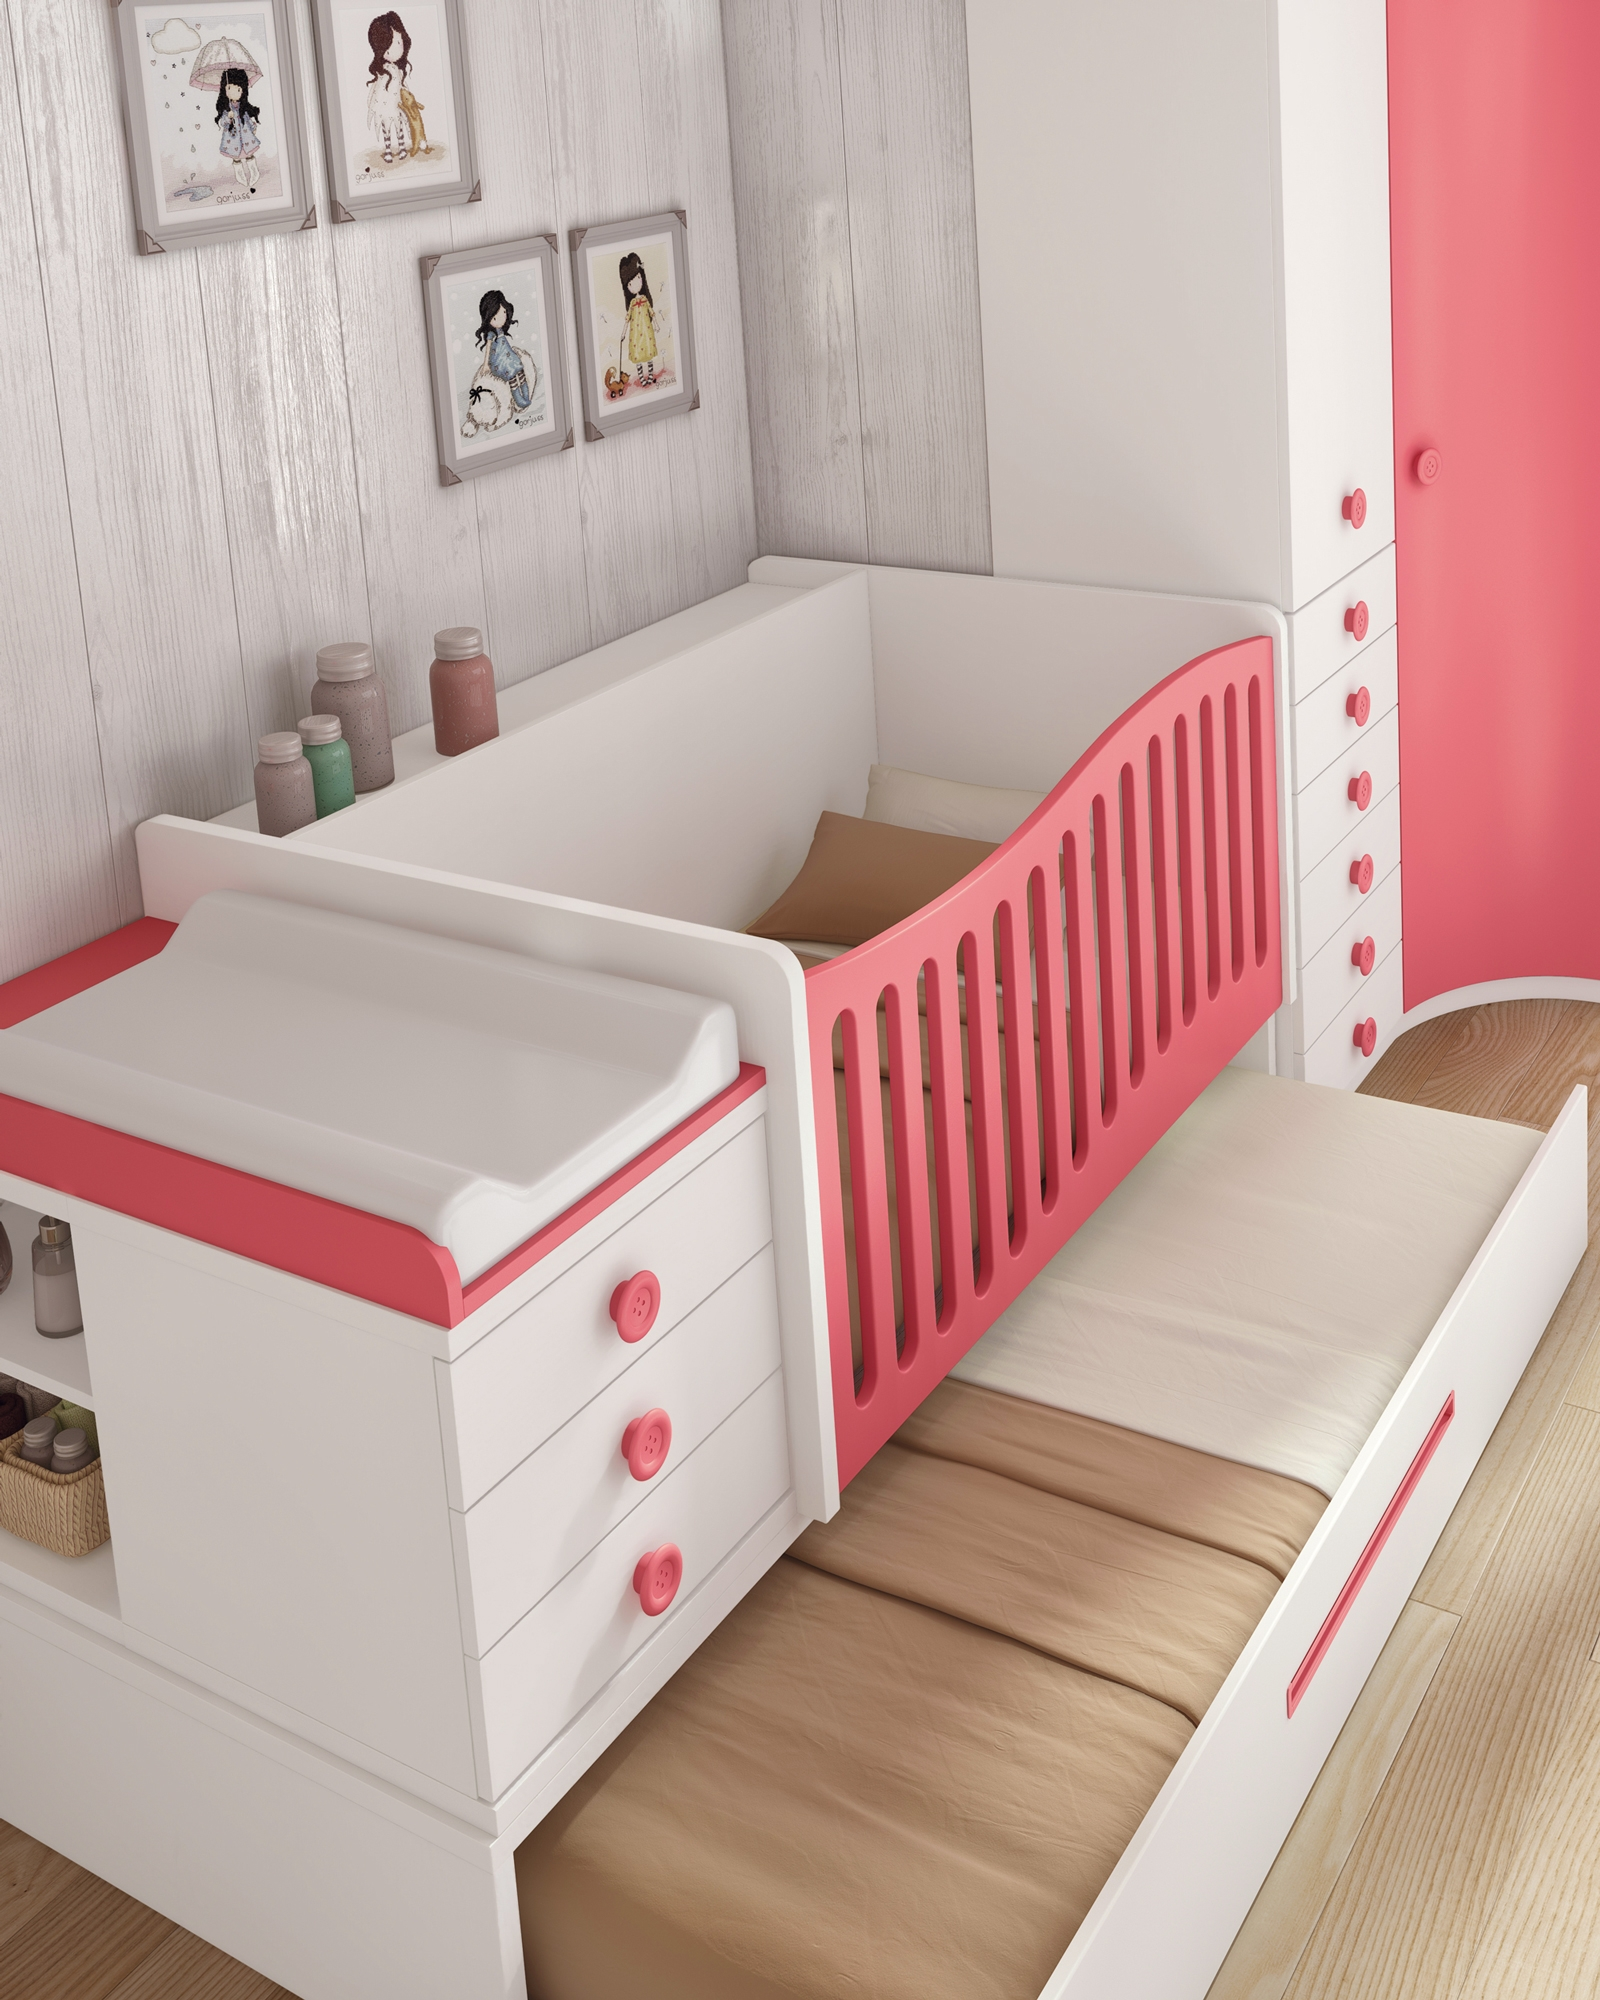 Berceau bébé BC30 évolutif avec lit gigogne GLICERIO SO NUIT